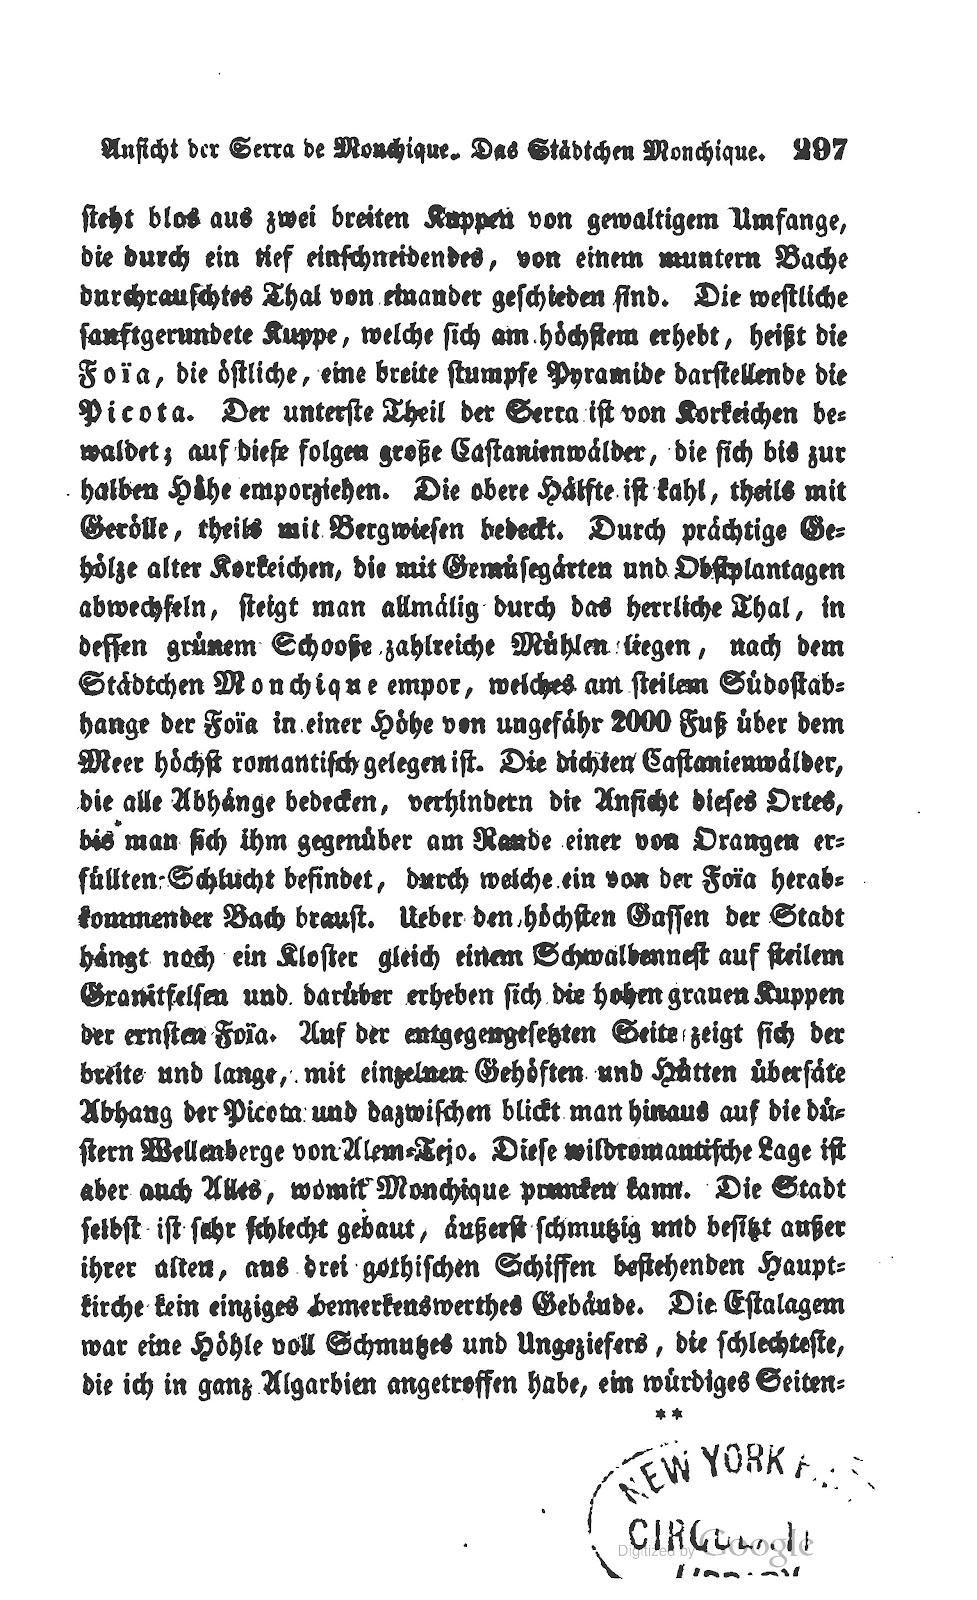 WIllkomm - 10. Kapitel Pages from Zwei_Jahre_in_Spanien_und_Portugal(3)_Page_39.jpg